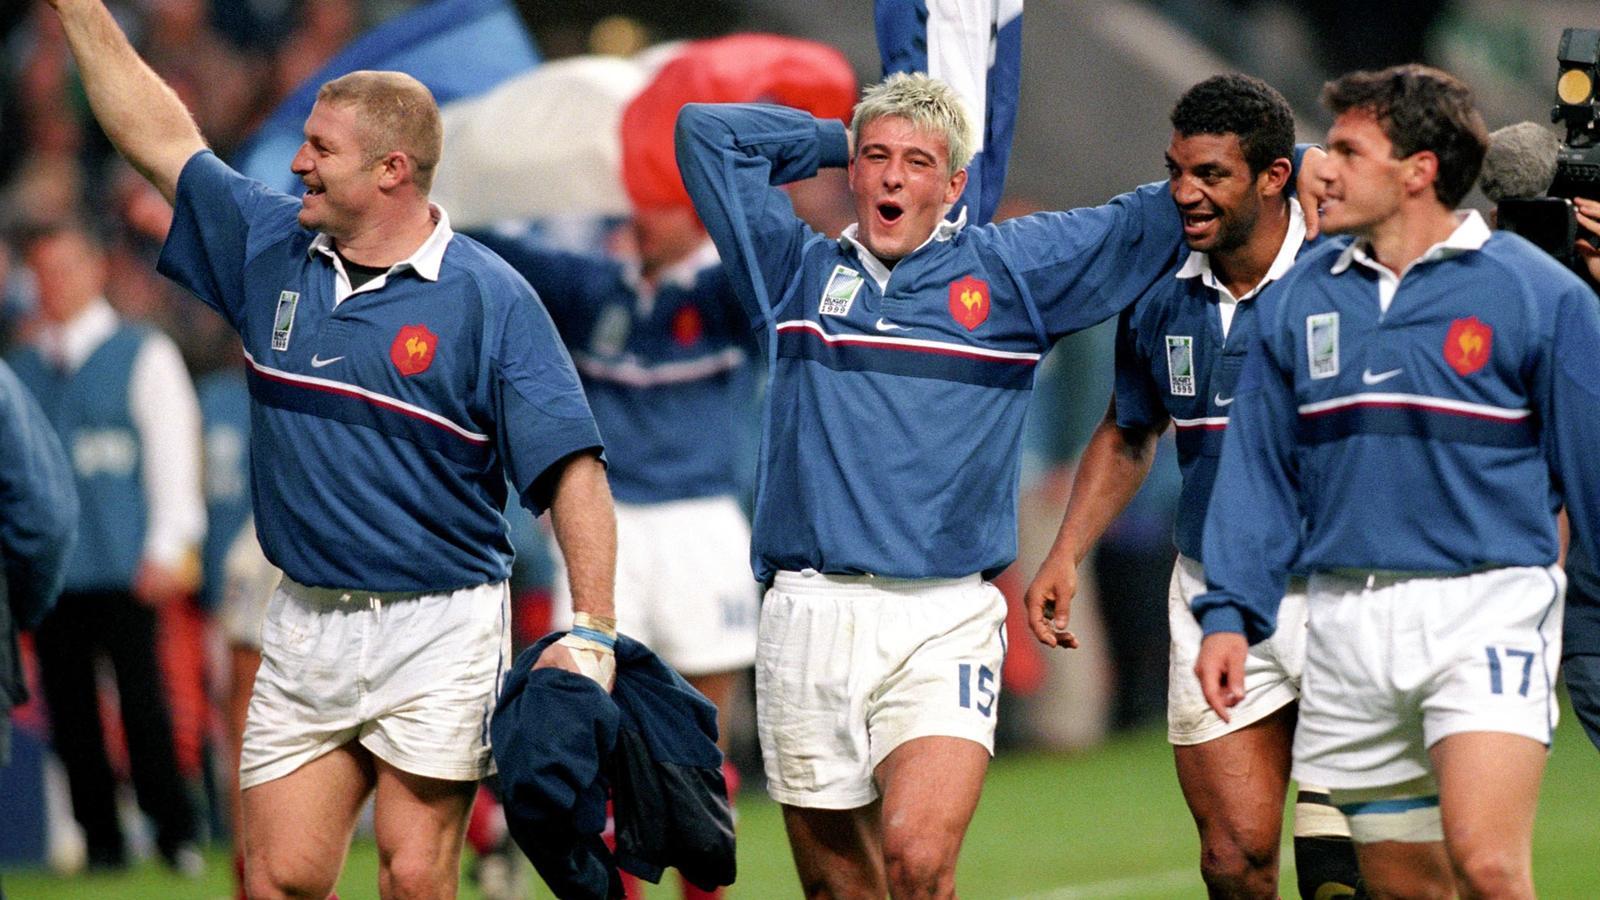 Cédric Soulette, Xavier Garbajosa, Emile Ntamack et Stéphane Glas savourent la victoire (31.10.1999)